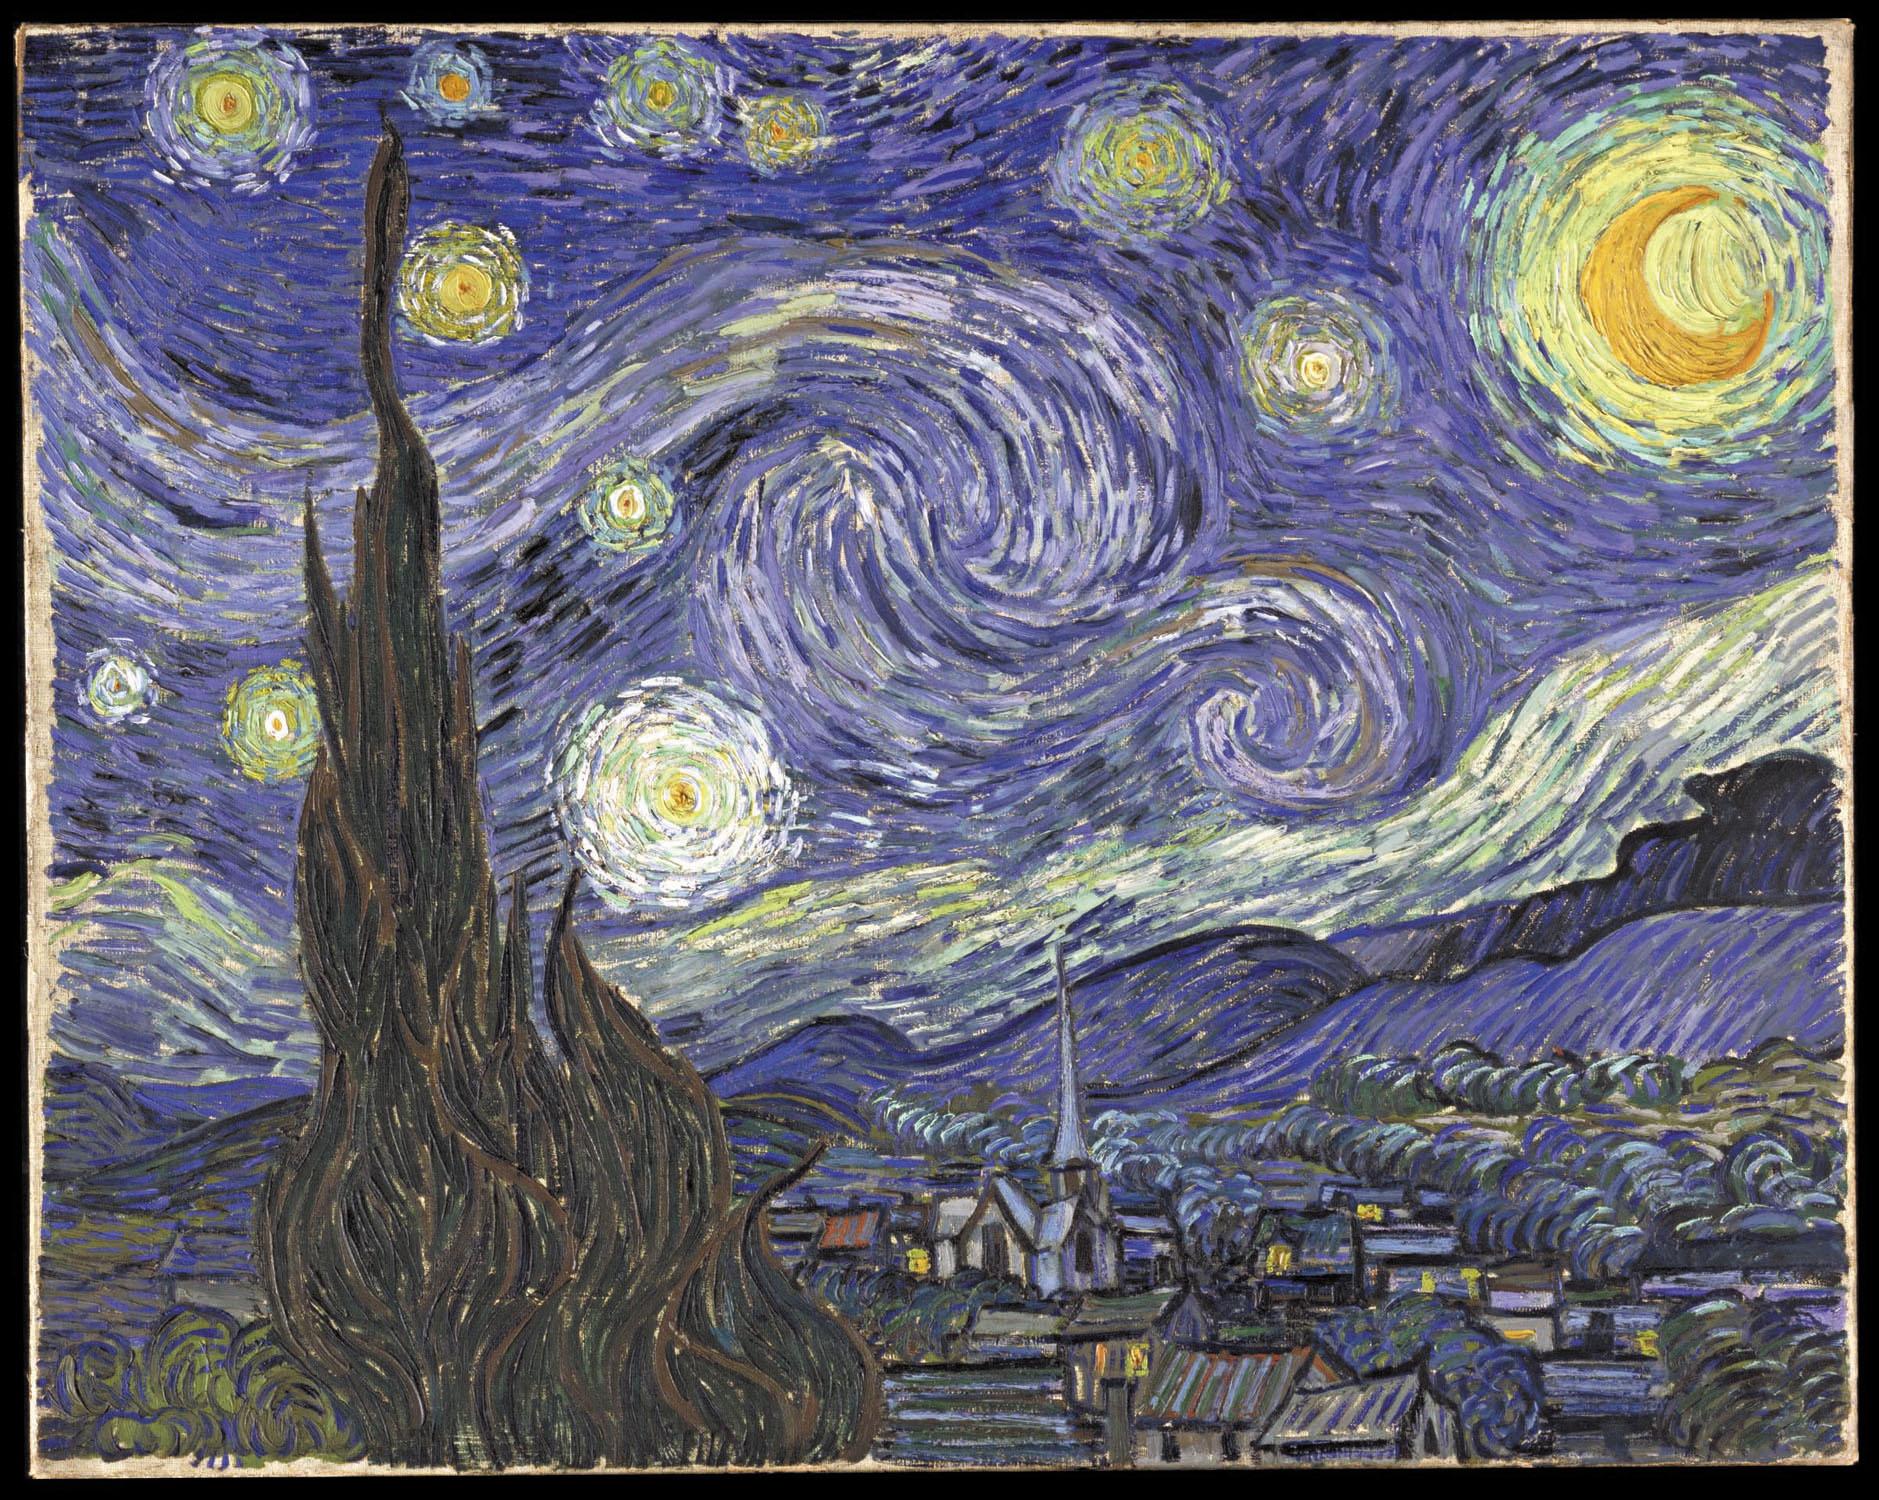 Noche Estrellada por Vincent van Gogh | Imagen astronomía diaria ...